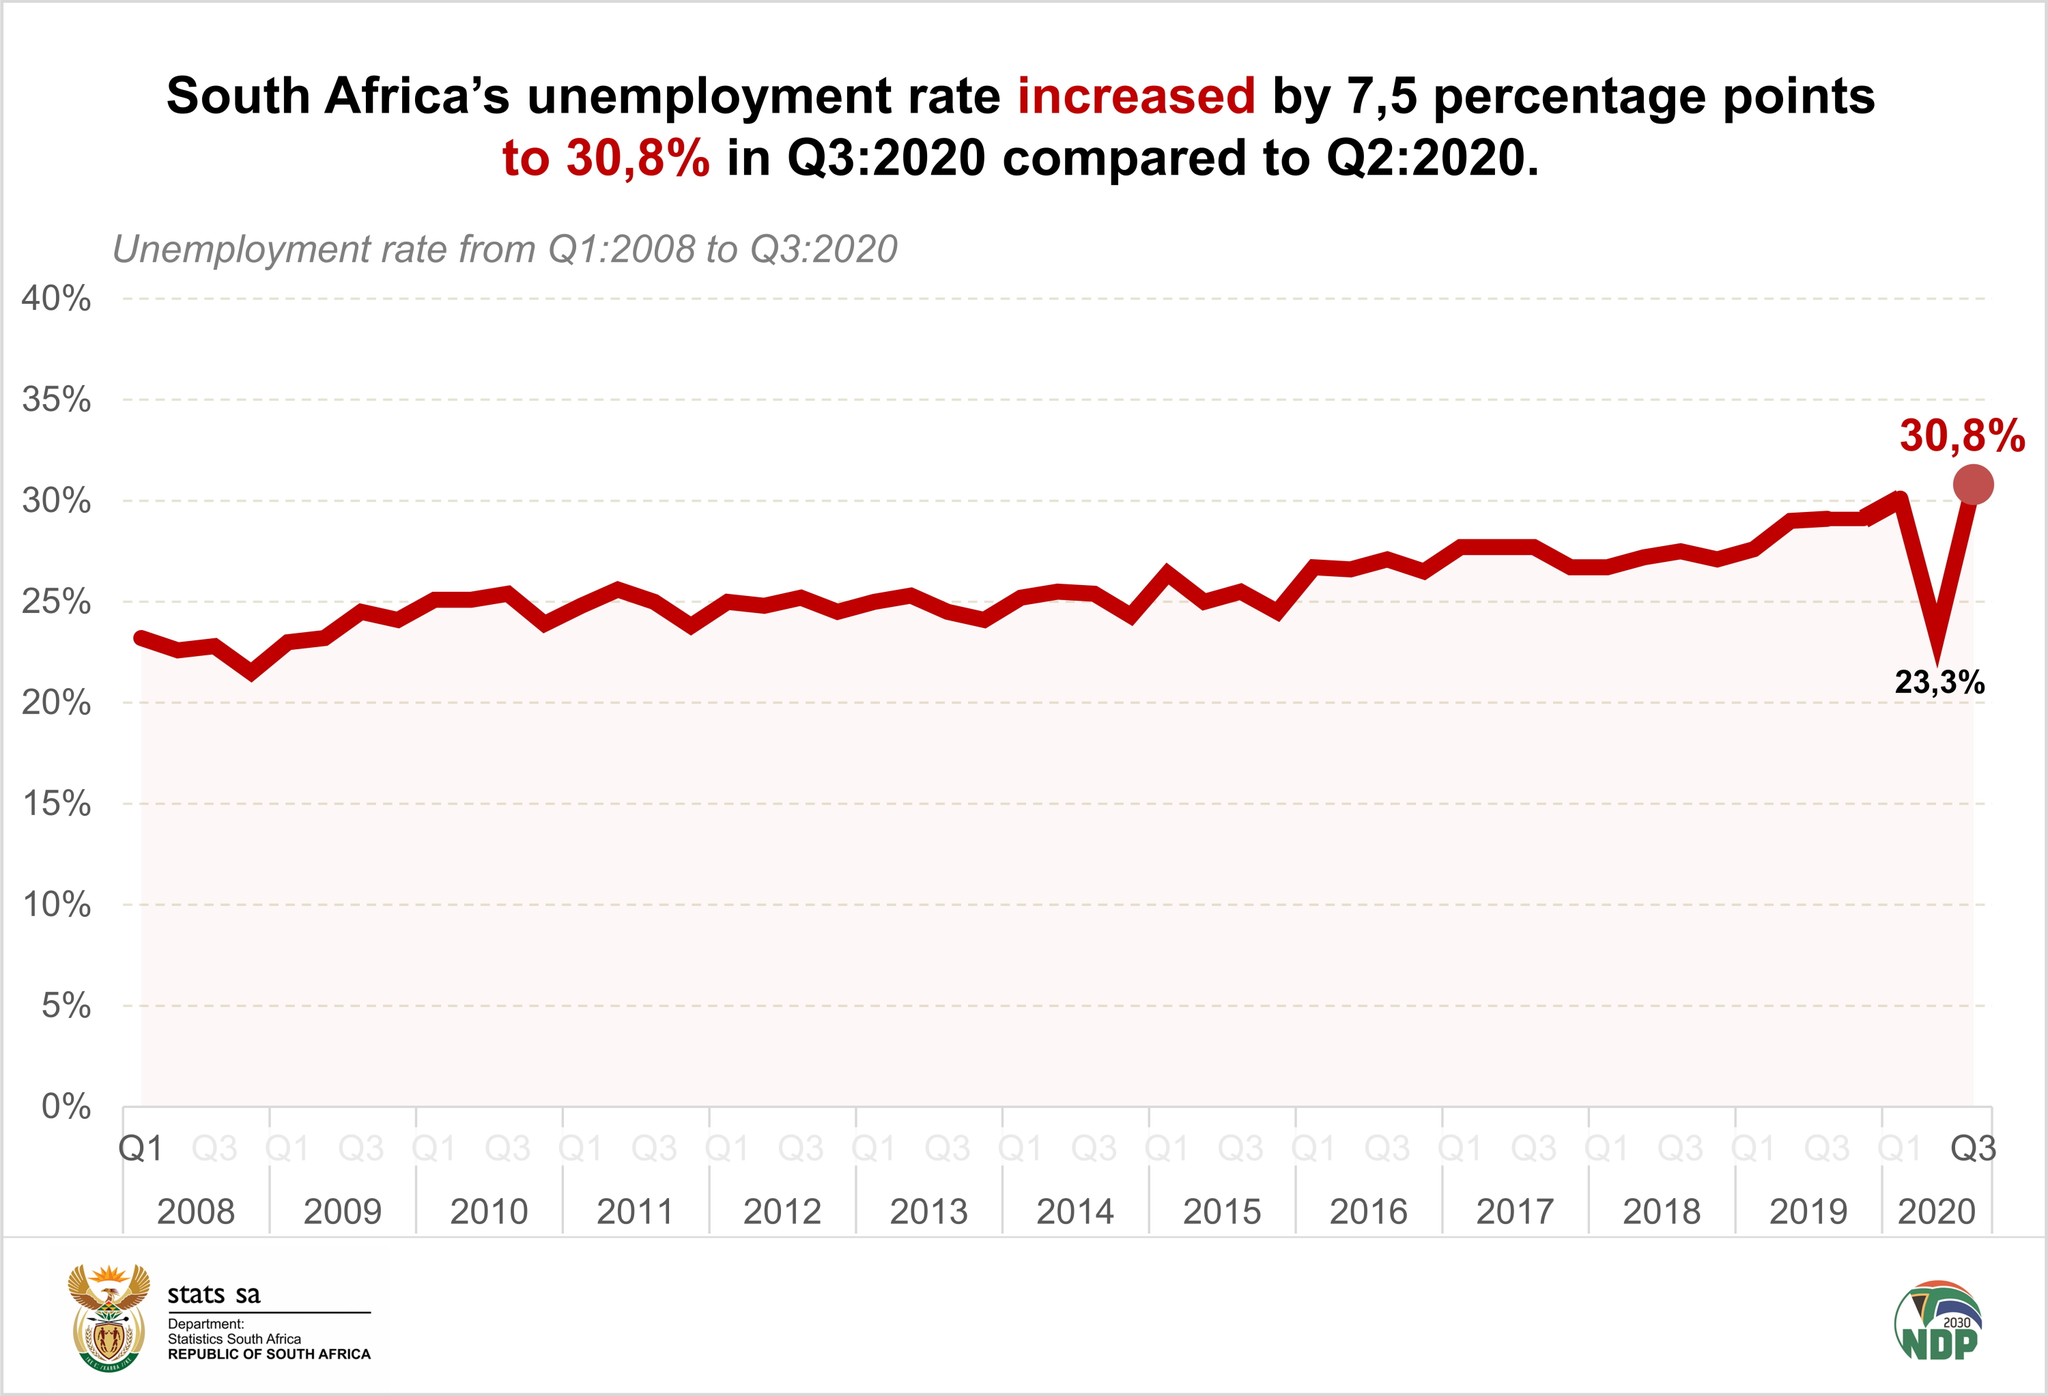 南非第三季度失业率达到30.8% 创2008年来最高